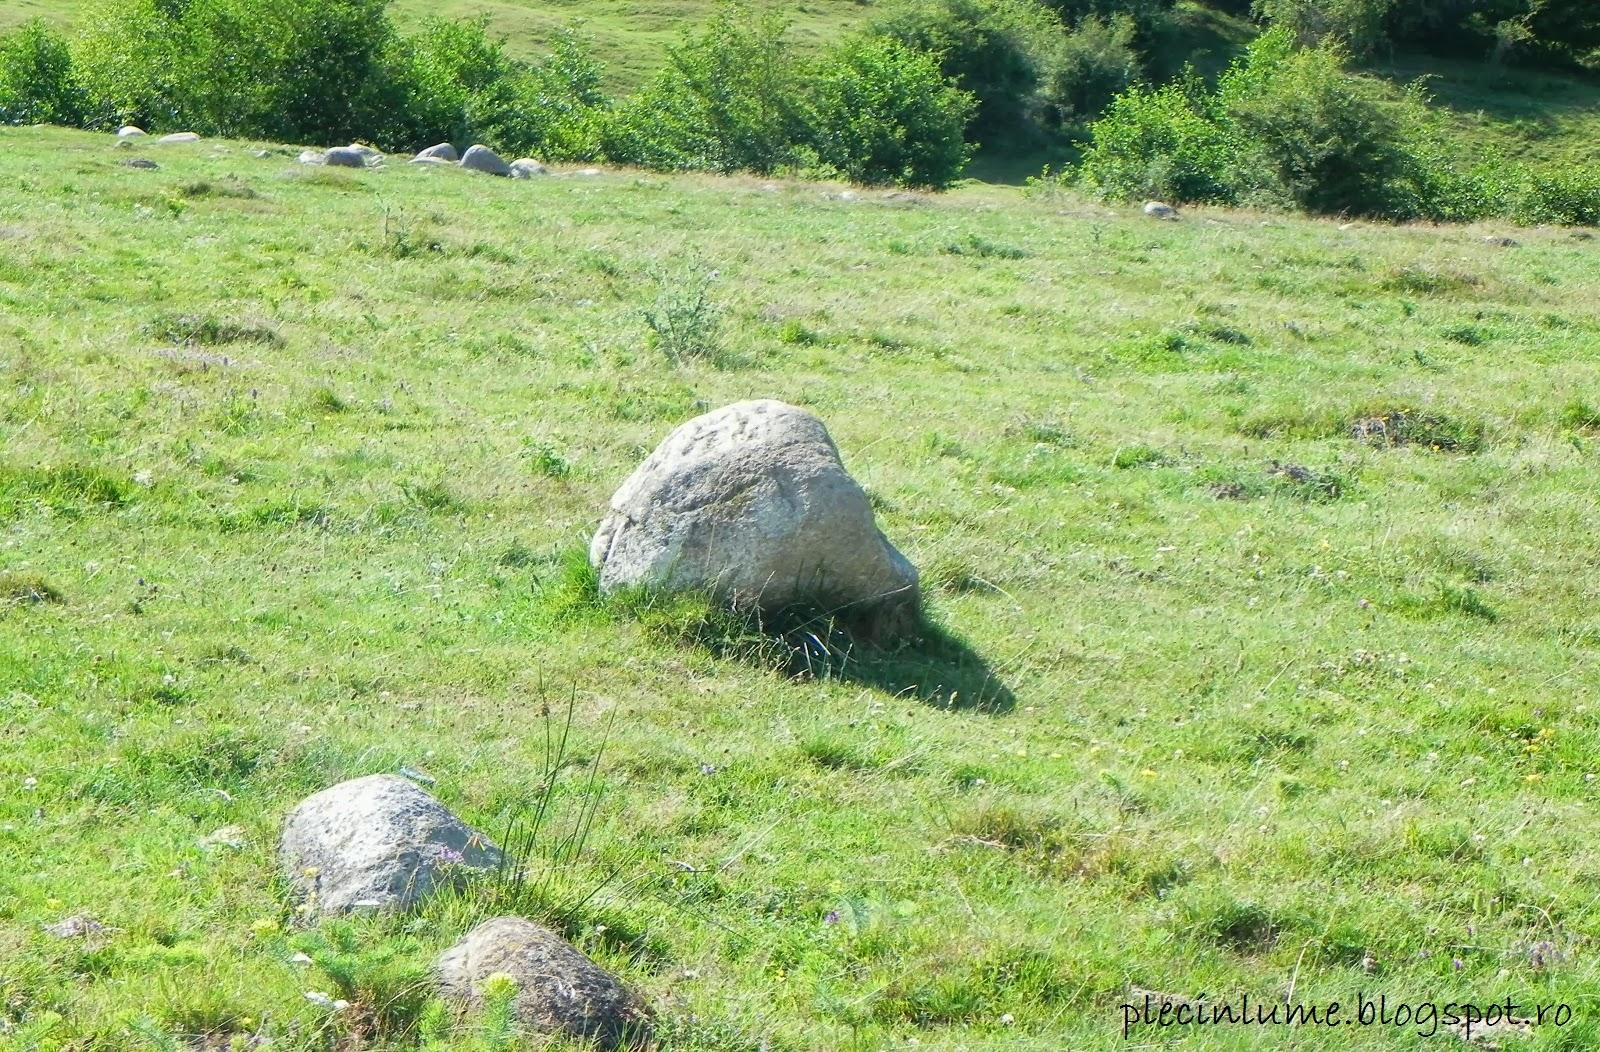 Granit in Geoparcul dinozaurilor